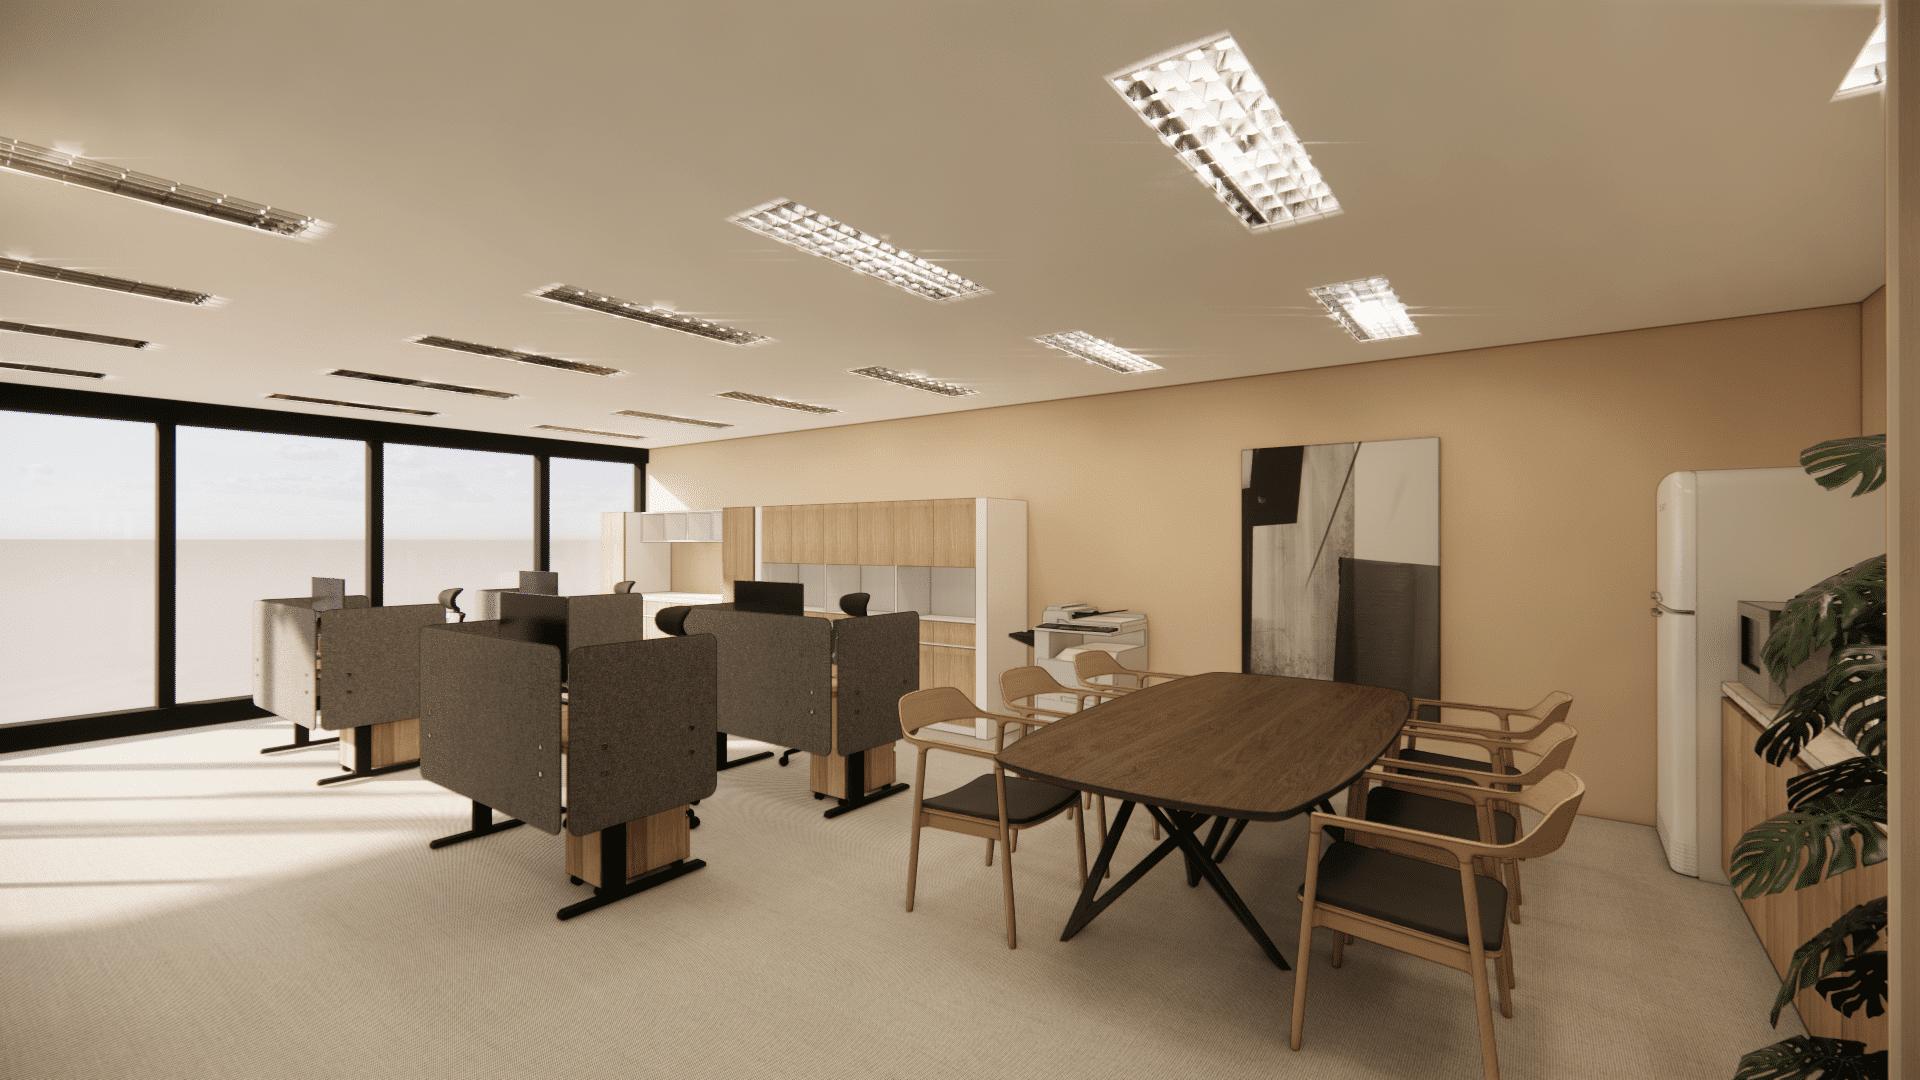 台北商辦空間室內設計 – 拾間室內設計案例